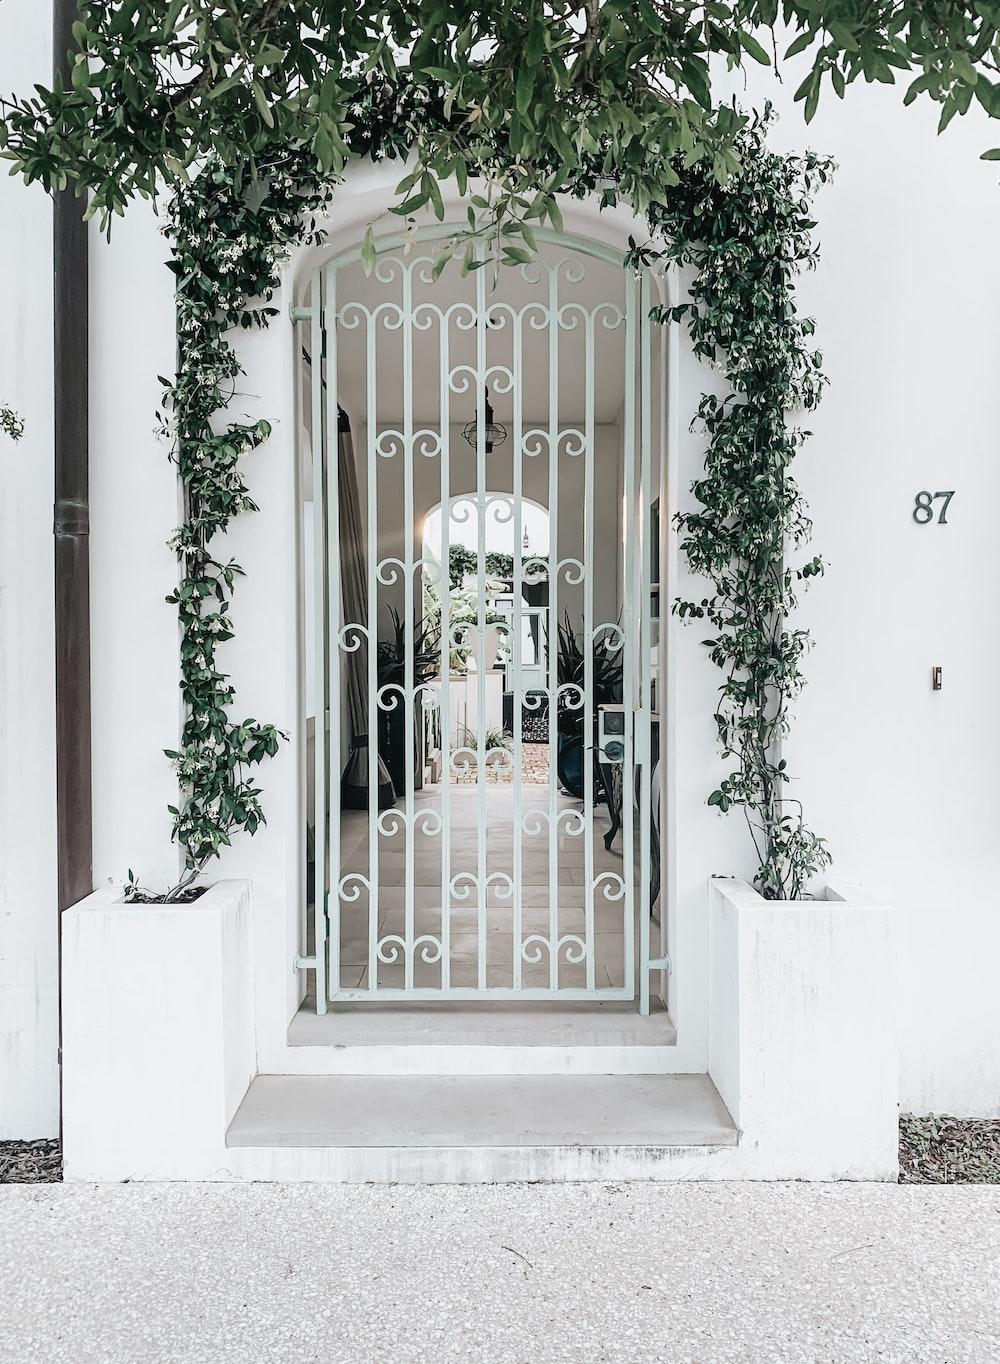 closed white gate